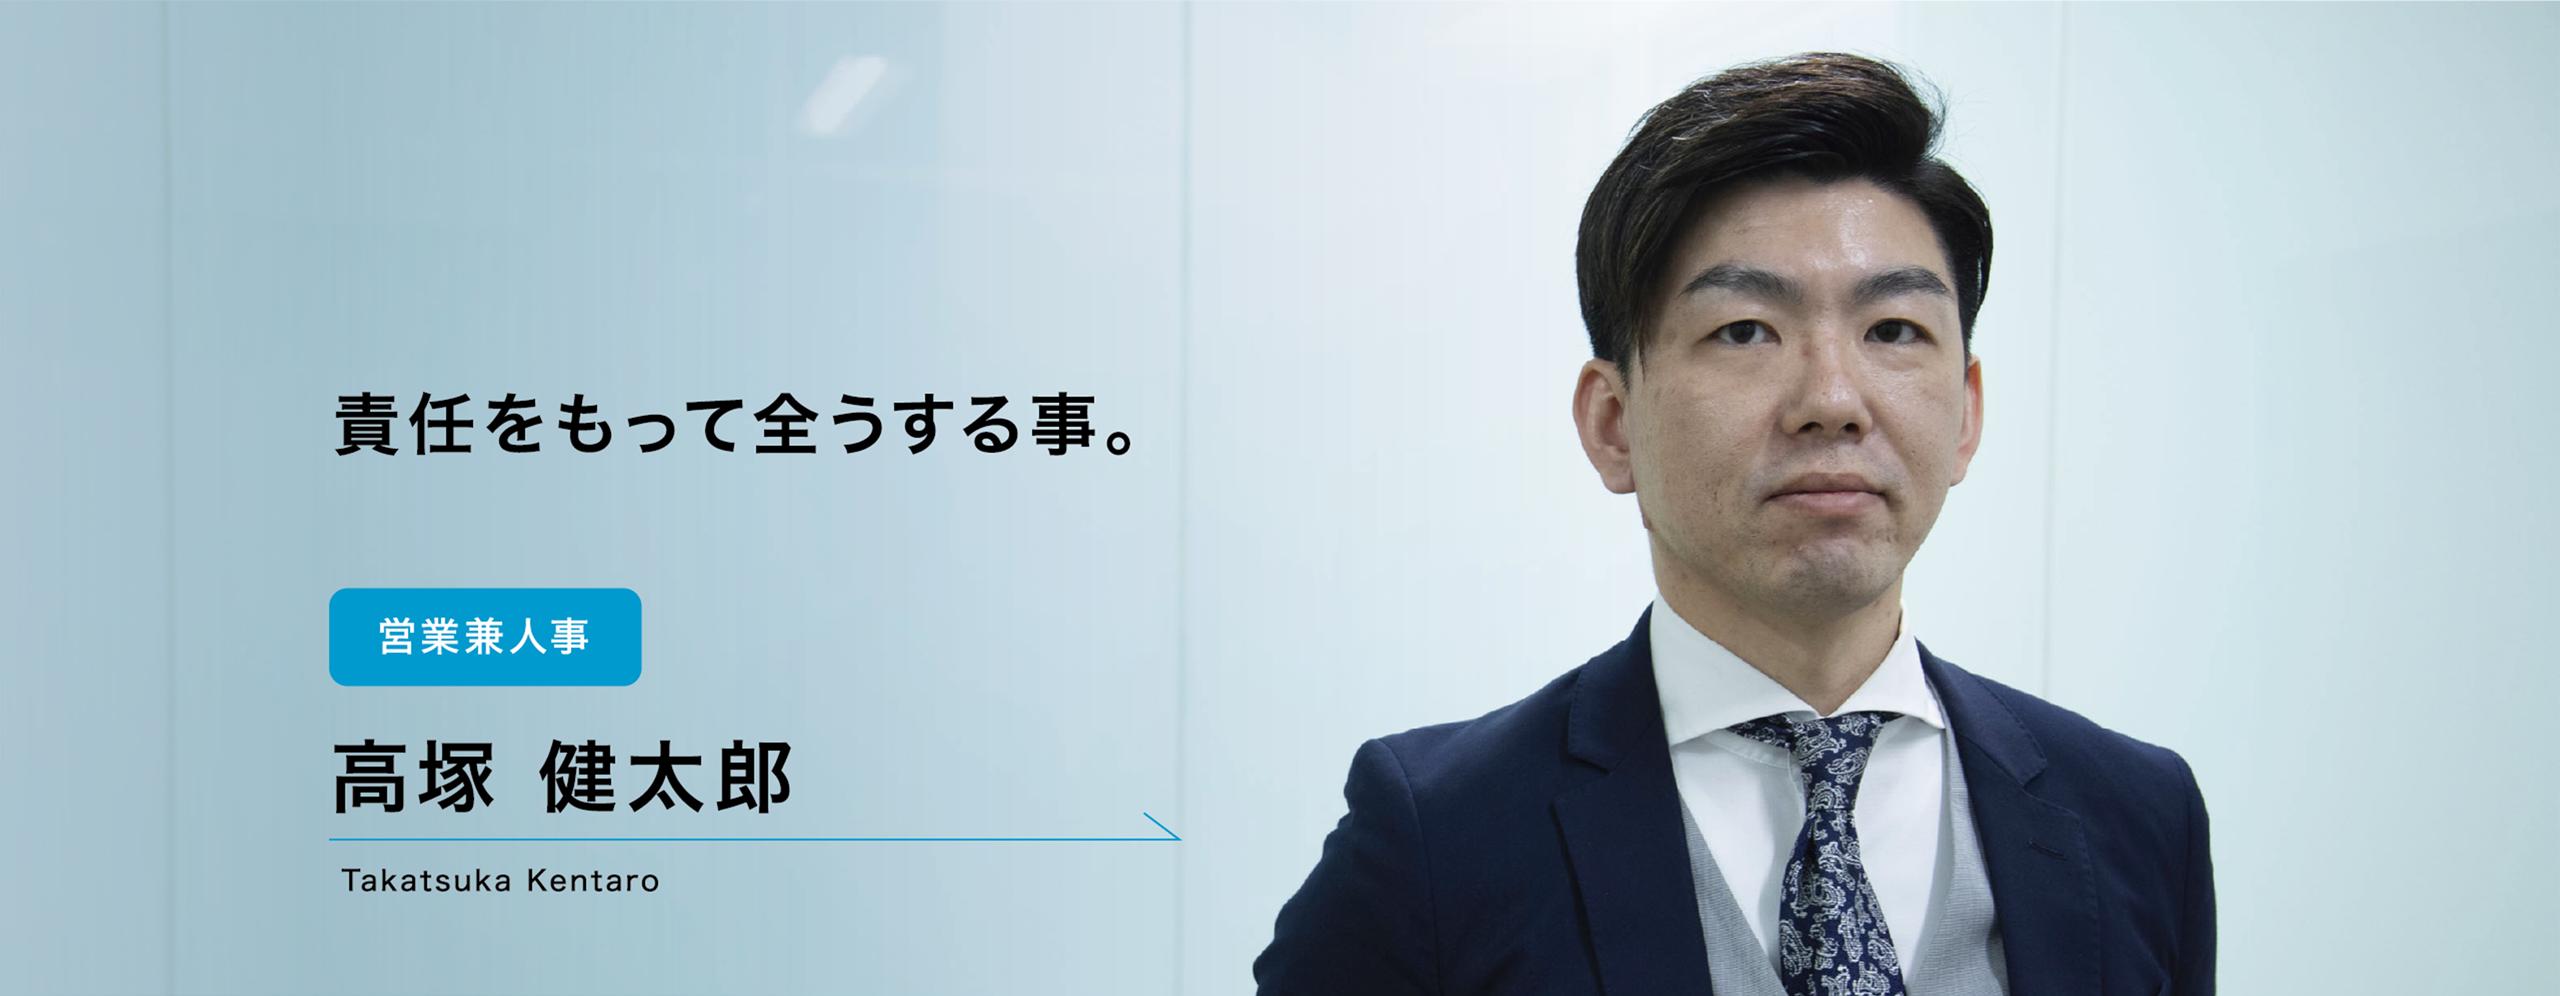 Kentaro Takatsuka